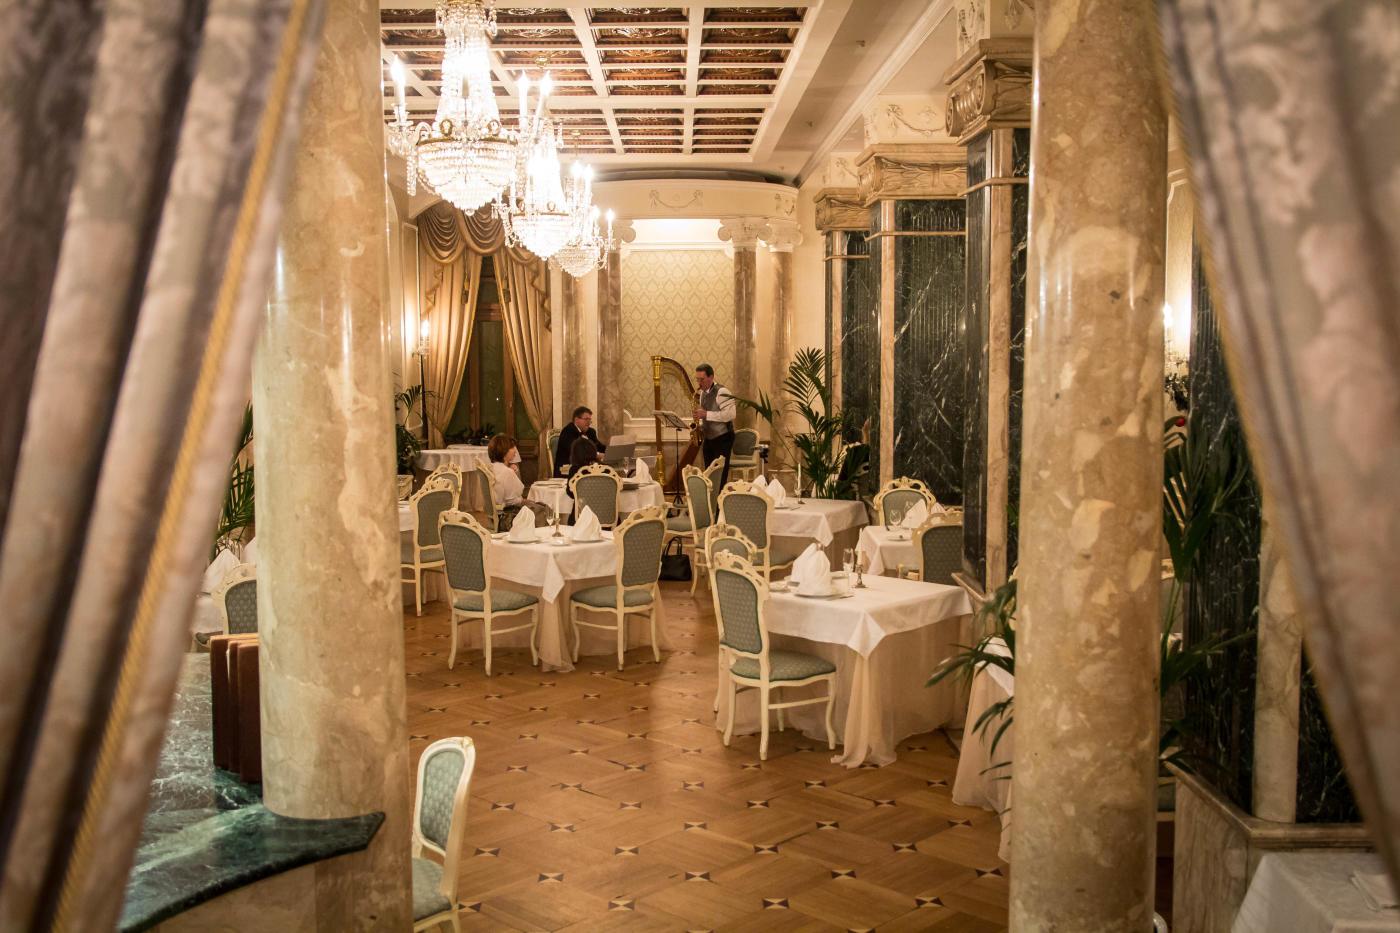 Ресторан Ривьера (Riviere) фото 10